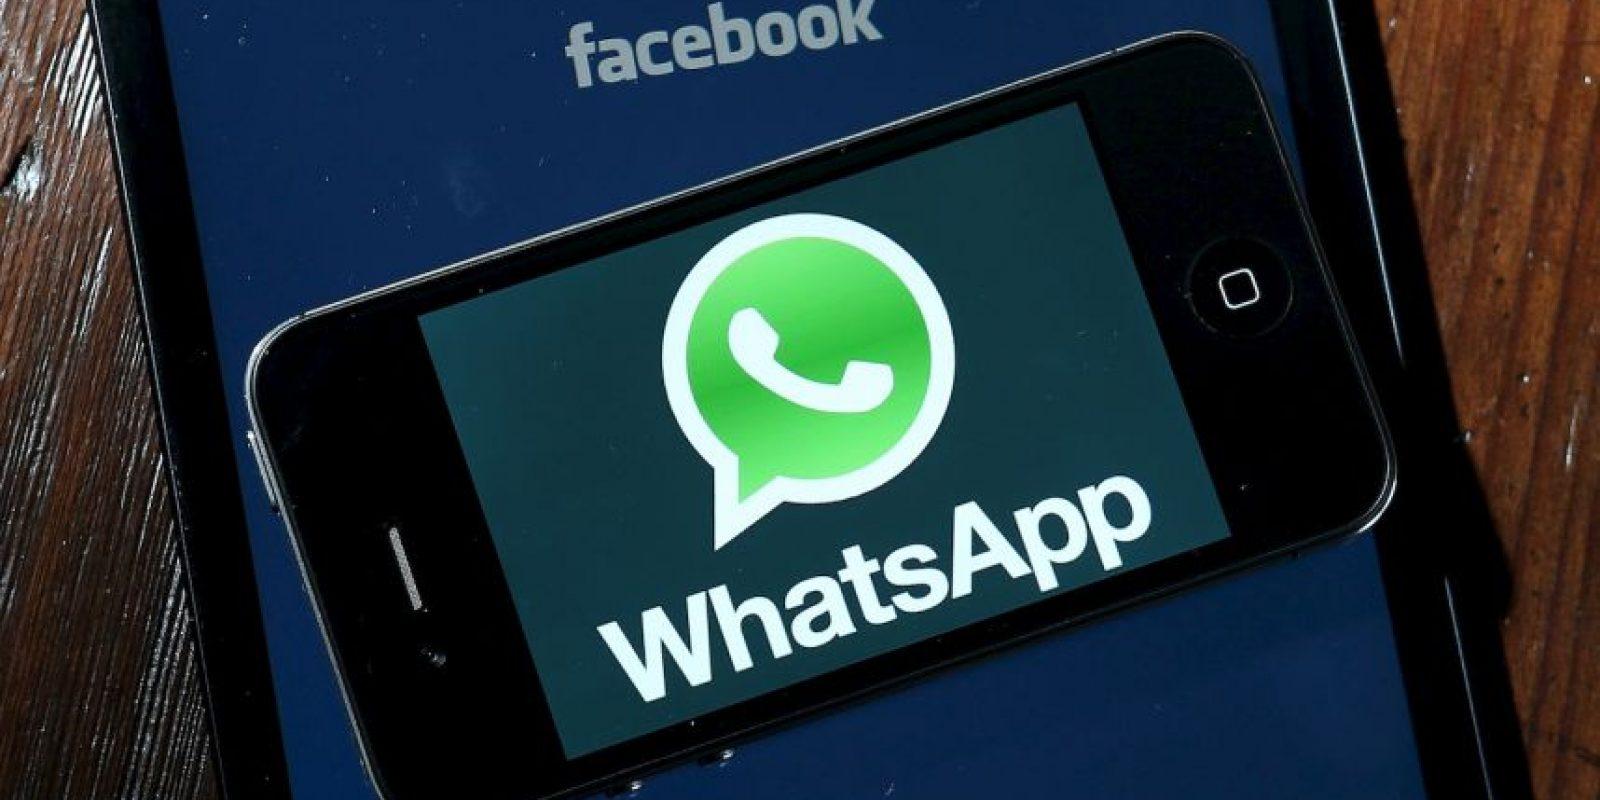 El uso de teléfonos móviles se ha universalizado: en el mundo hay unos 6900 millones de contratos de telefonía móvil. Foto:Getty Images